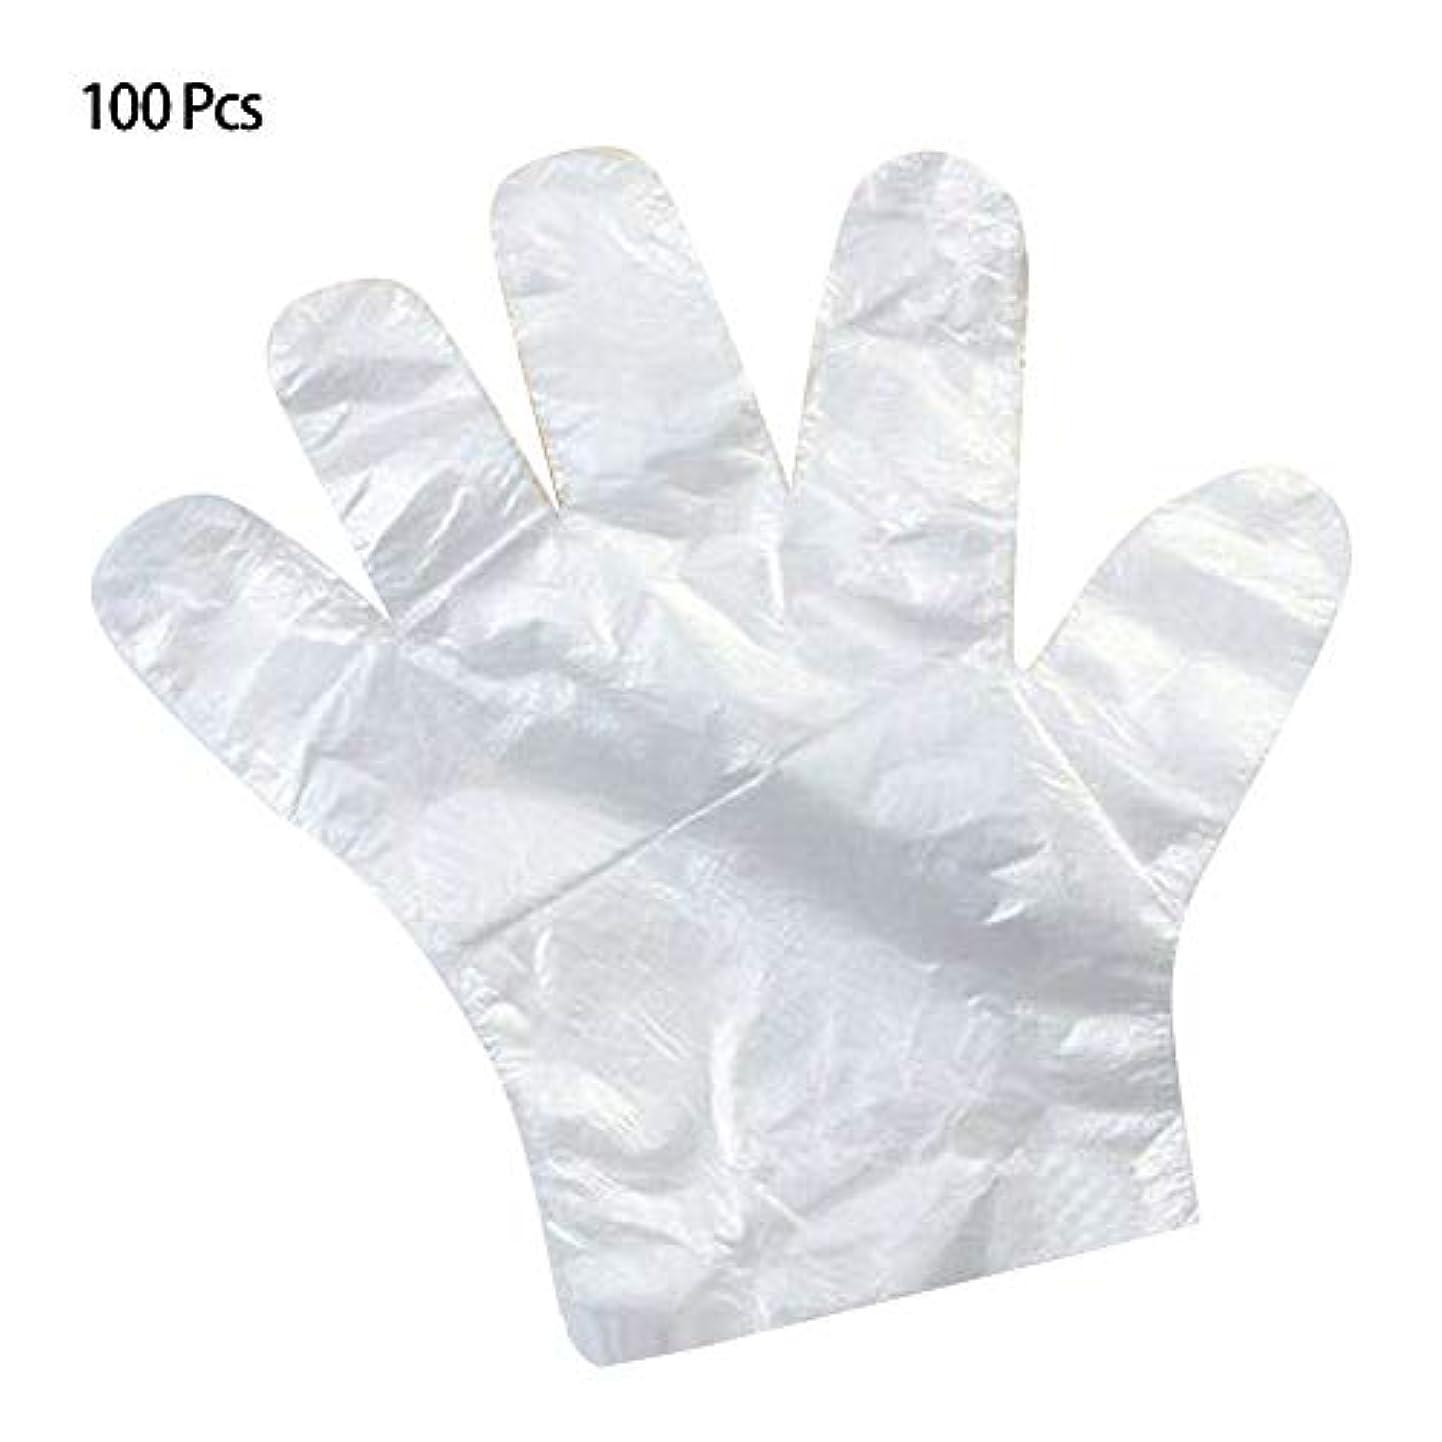 冒険者届ける悲観的LITI 使い捨て手袋 極薄ビニール手袋 透明 実用 衛生 極薄手袋 美容 調理 お掃除 毛染め 左右兼用 100枚